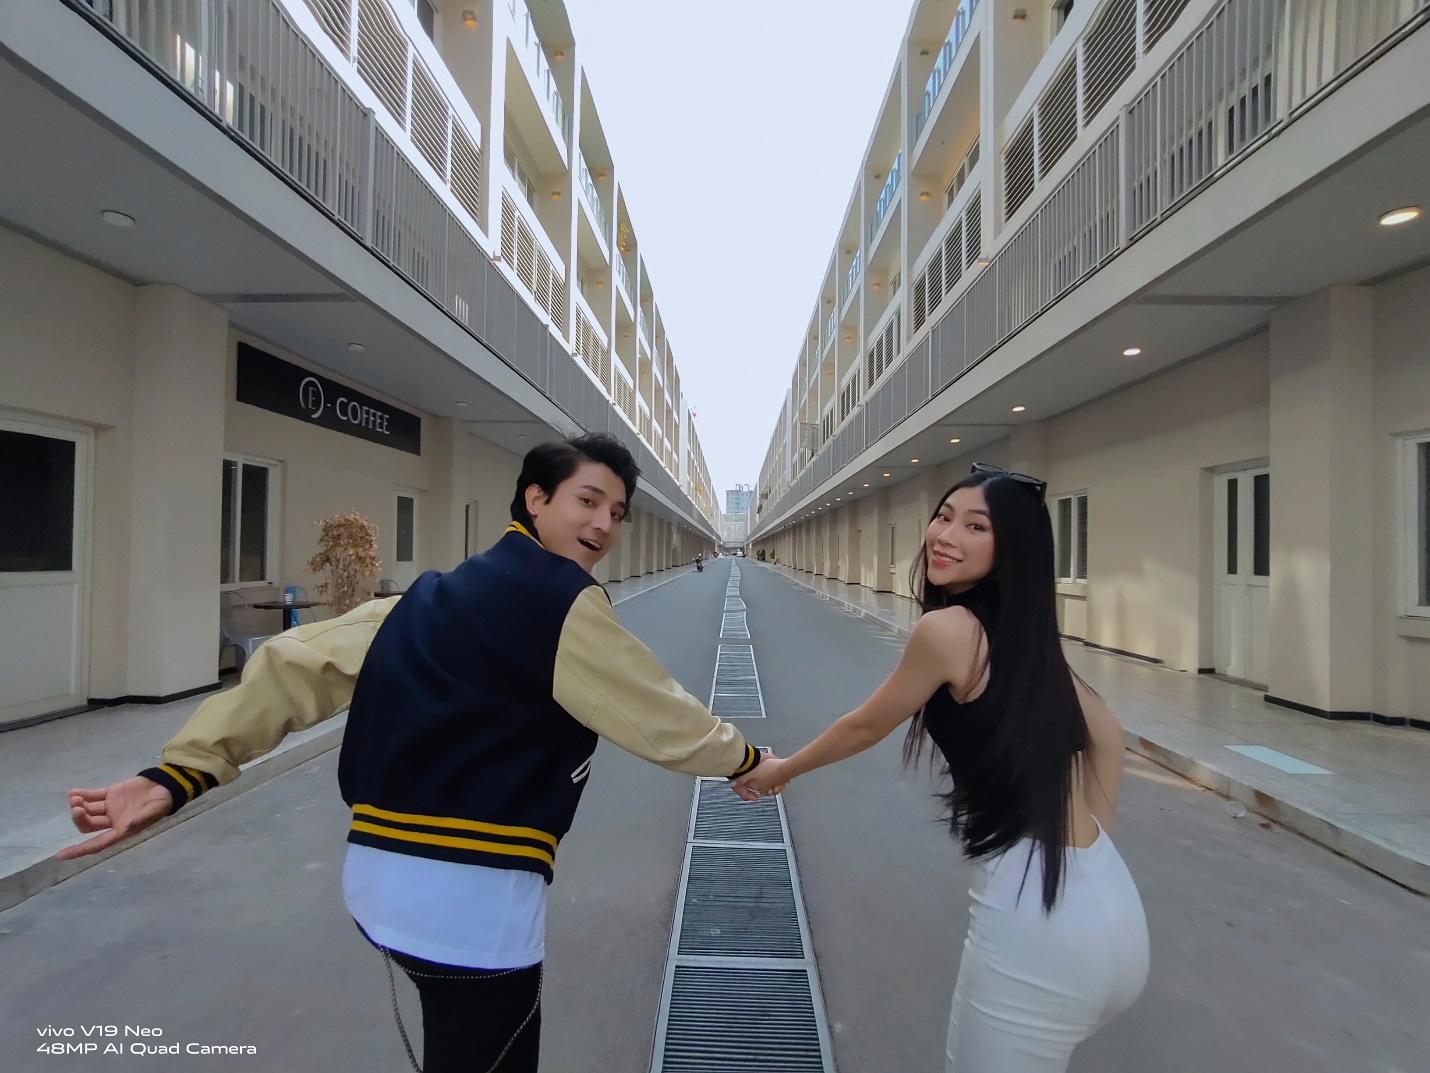 """Chẳng cần đi đâu xa, giới trẻ có thể sở hữu bộ ảnh street style """"thần sầu"""" với vivo V19 Neo ngay tại Sài Gòn - Ảnh 4."""